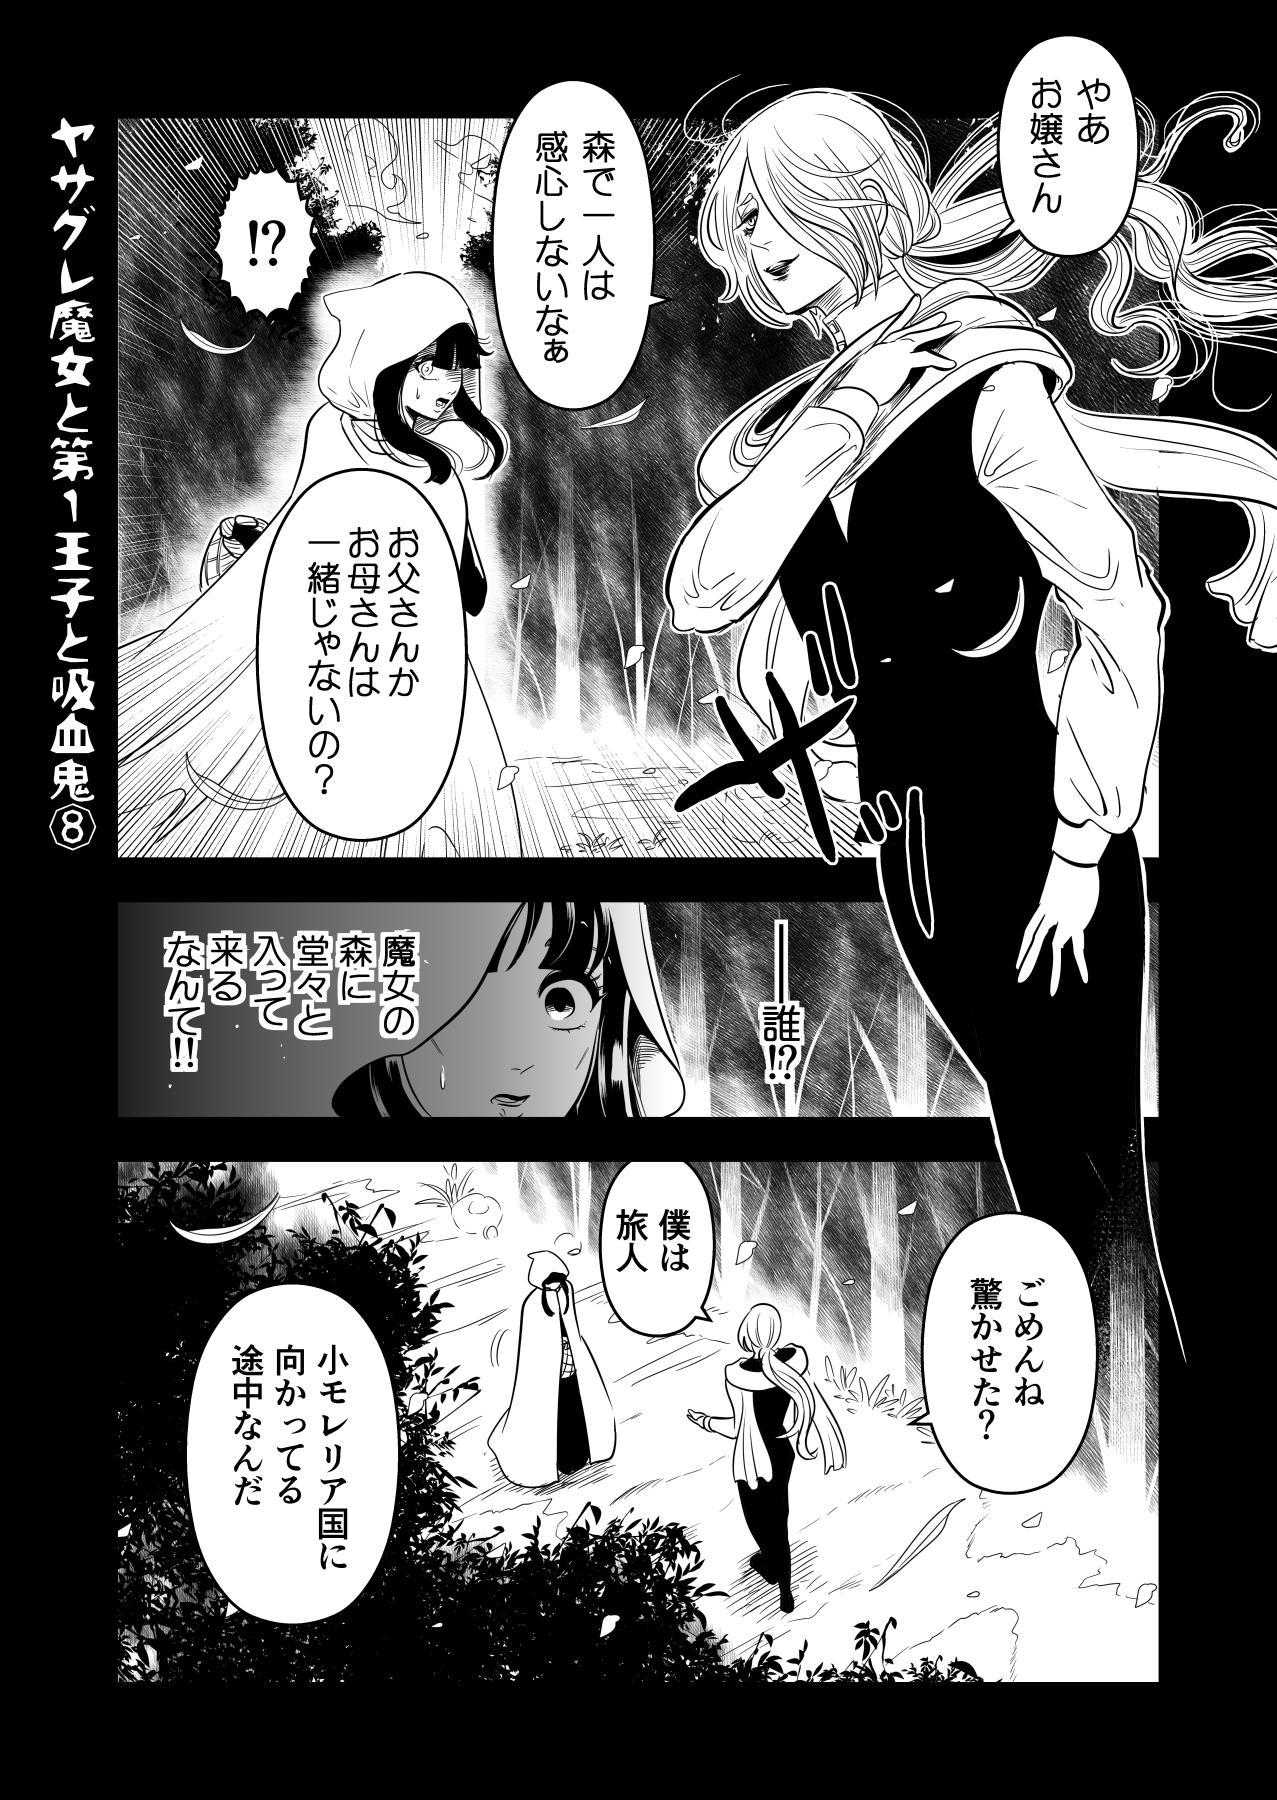 ヤサグレ魔女と第1王子と吸血鬼0037